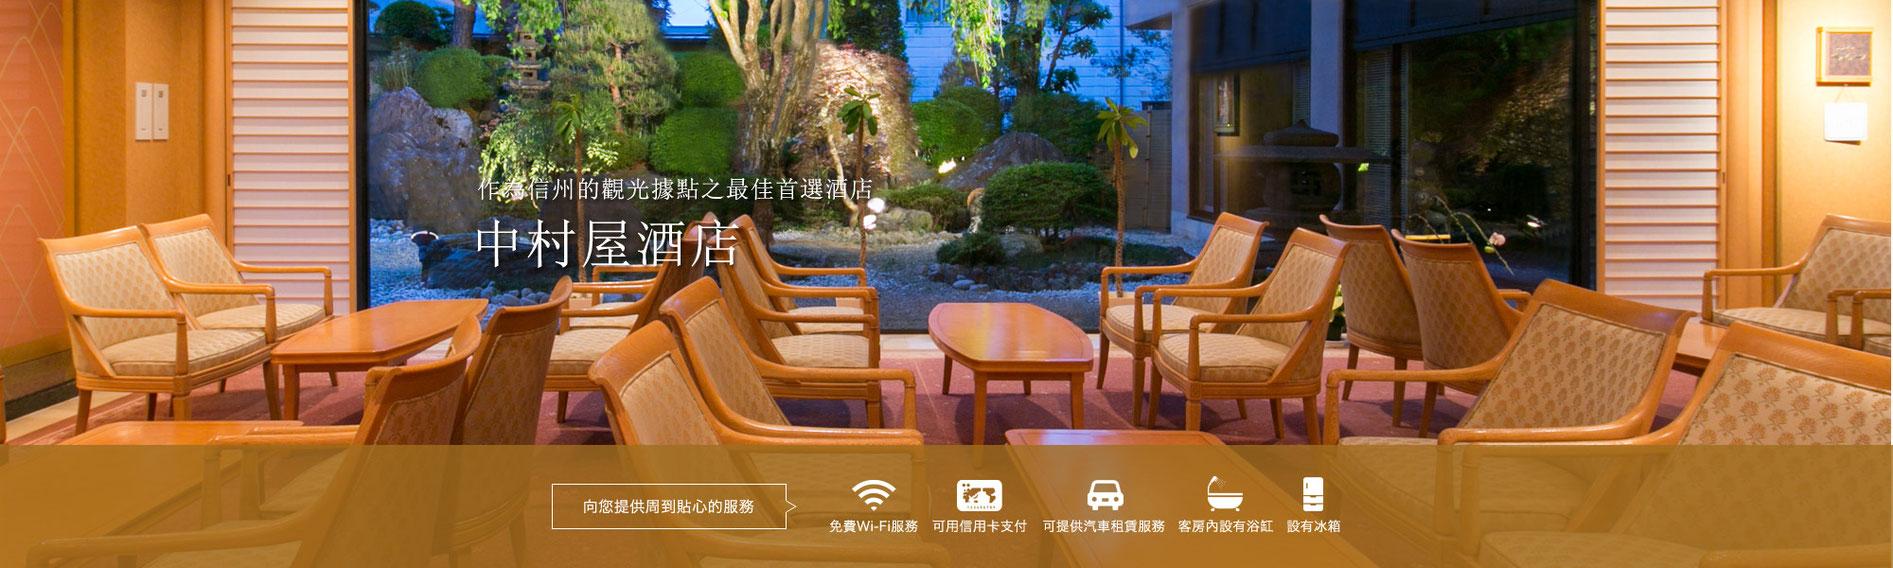 作為信州的觀光據點之最佳首選酒店 中村屋酒店 向您提供周到貼心的服務